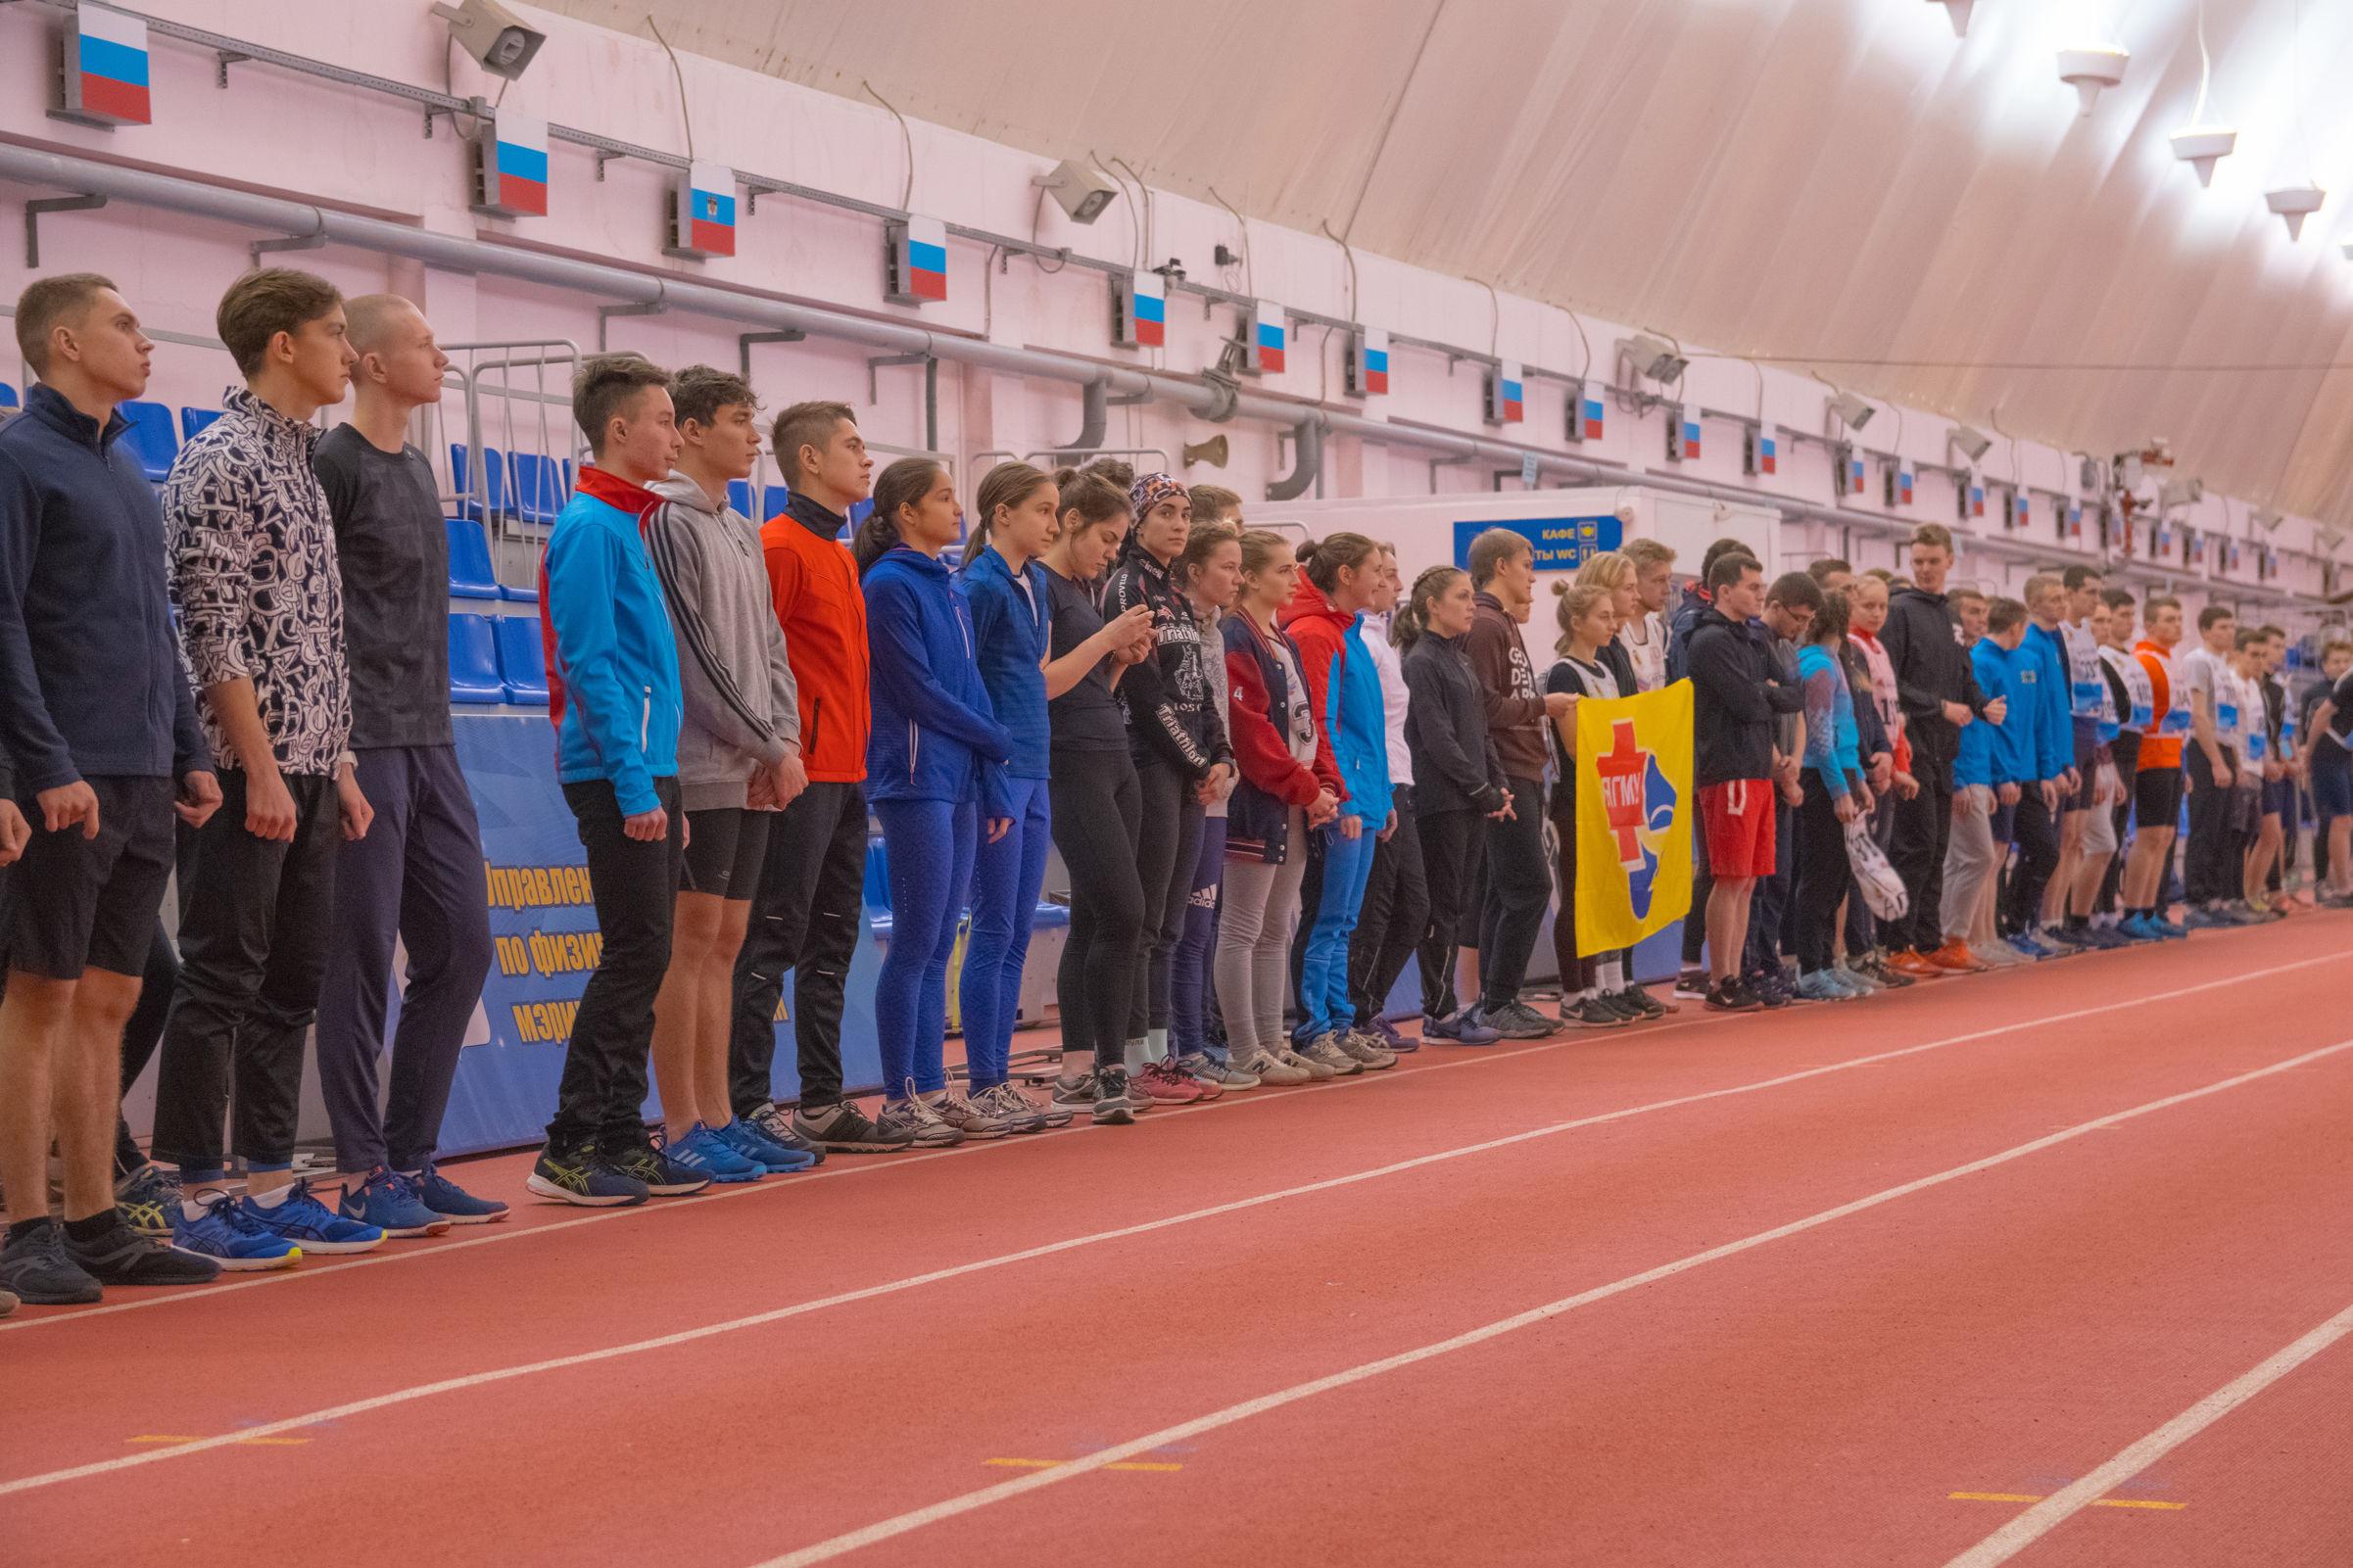 Студенты вузов приняли участие в областной универсиаде в Ярославле